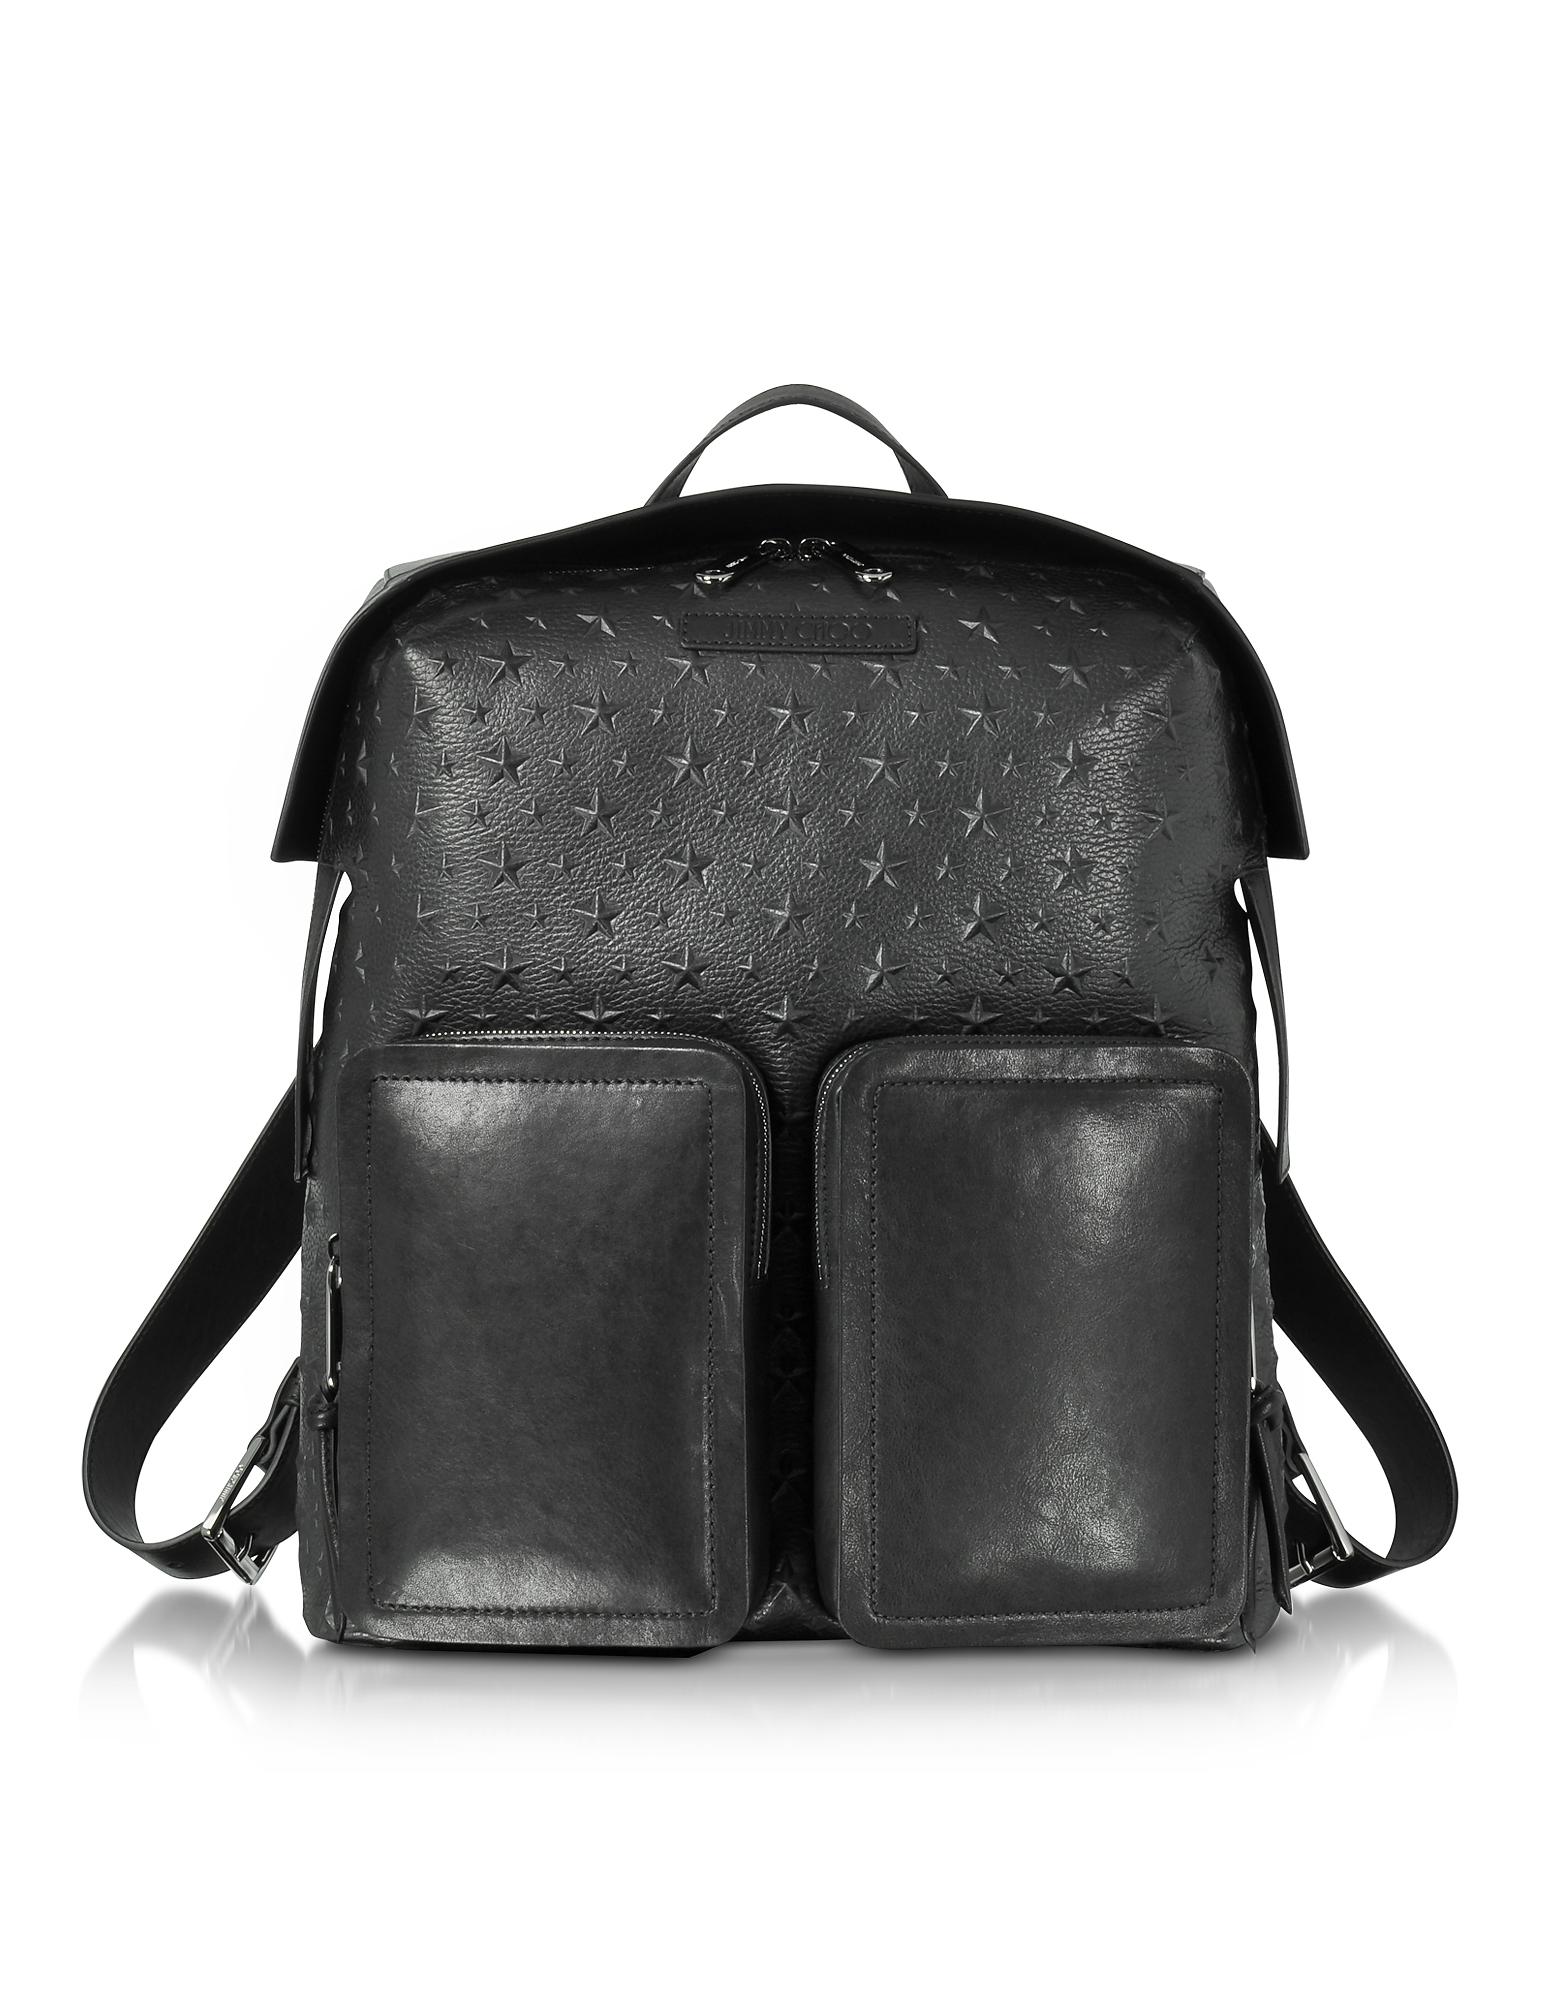 Lennox - Большой Черный Рюкзак из Зернистой Кожи с Тиснеными Звездами